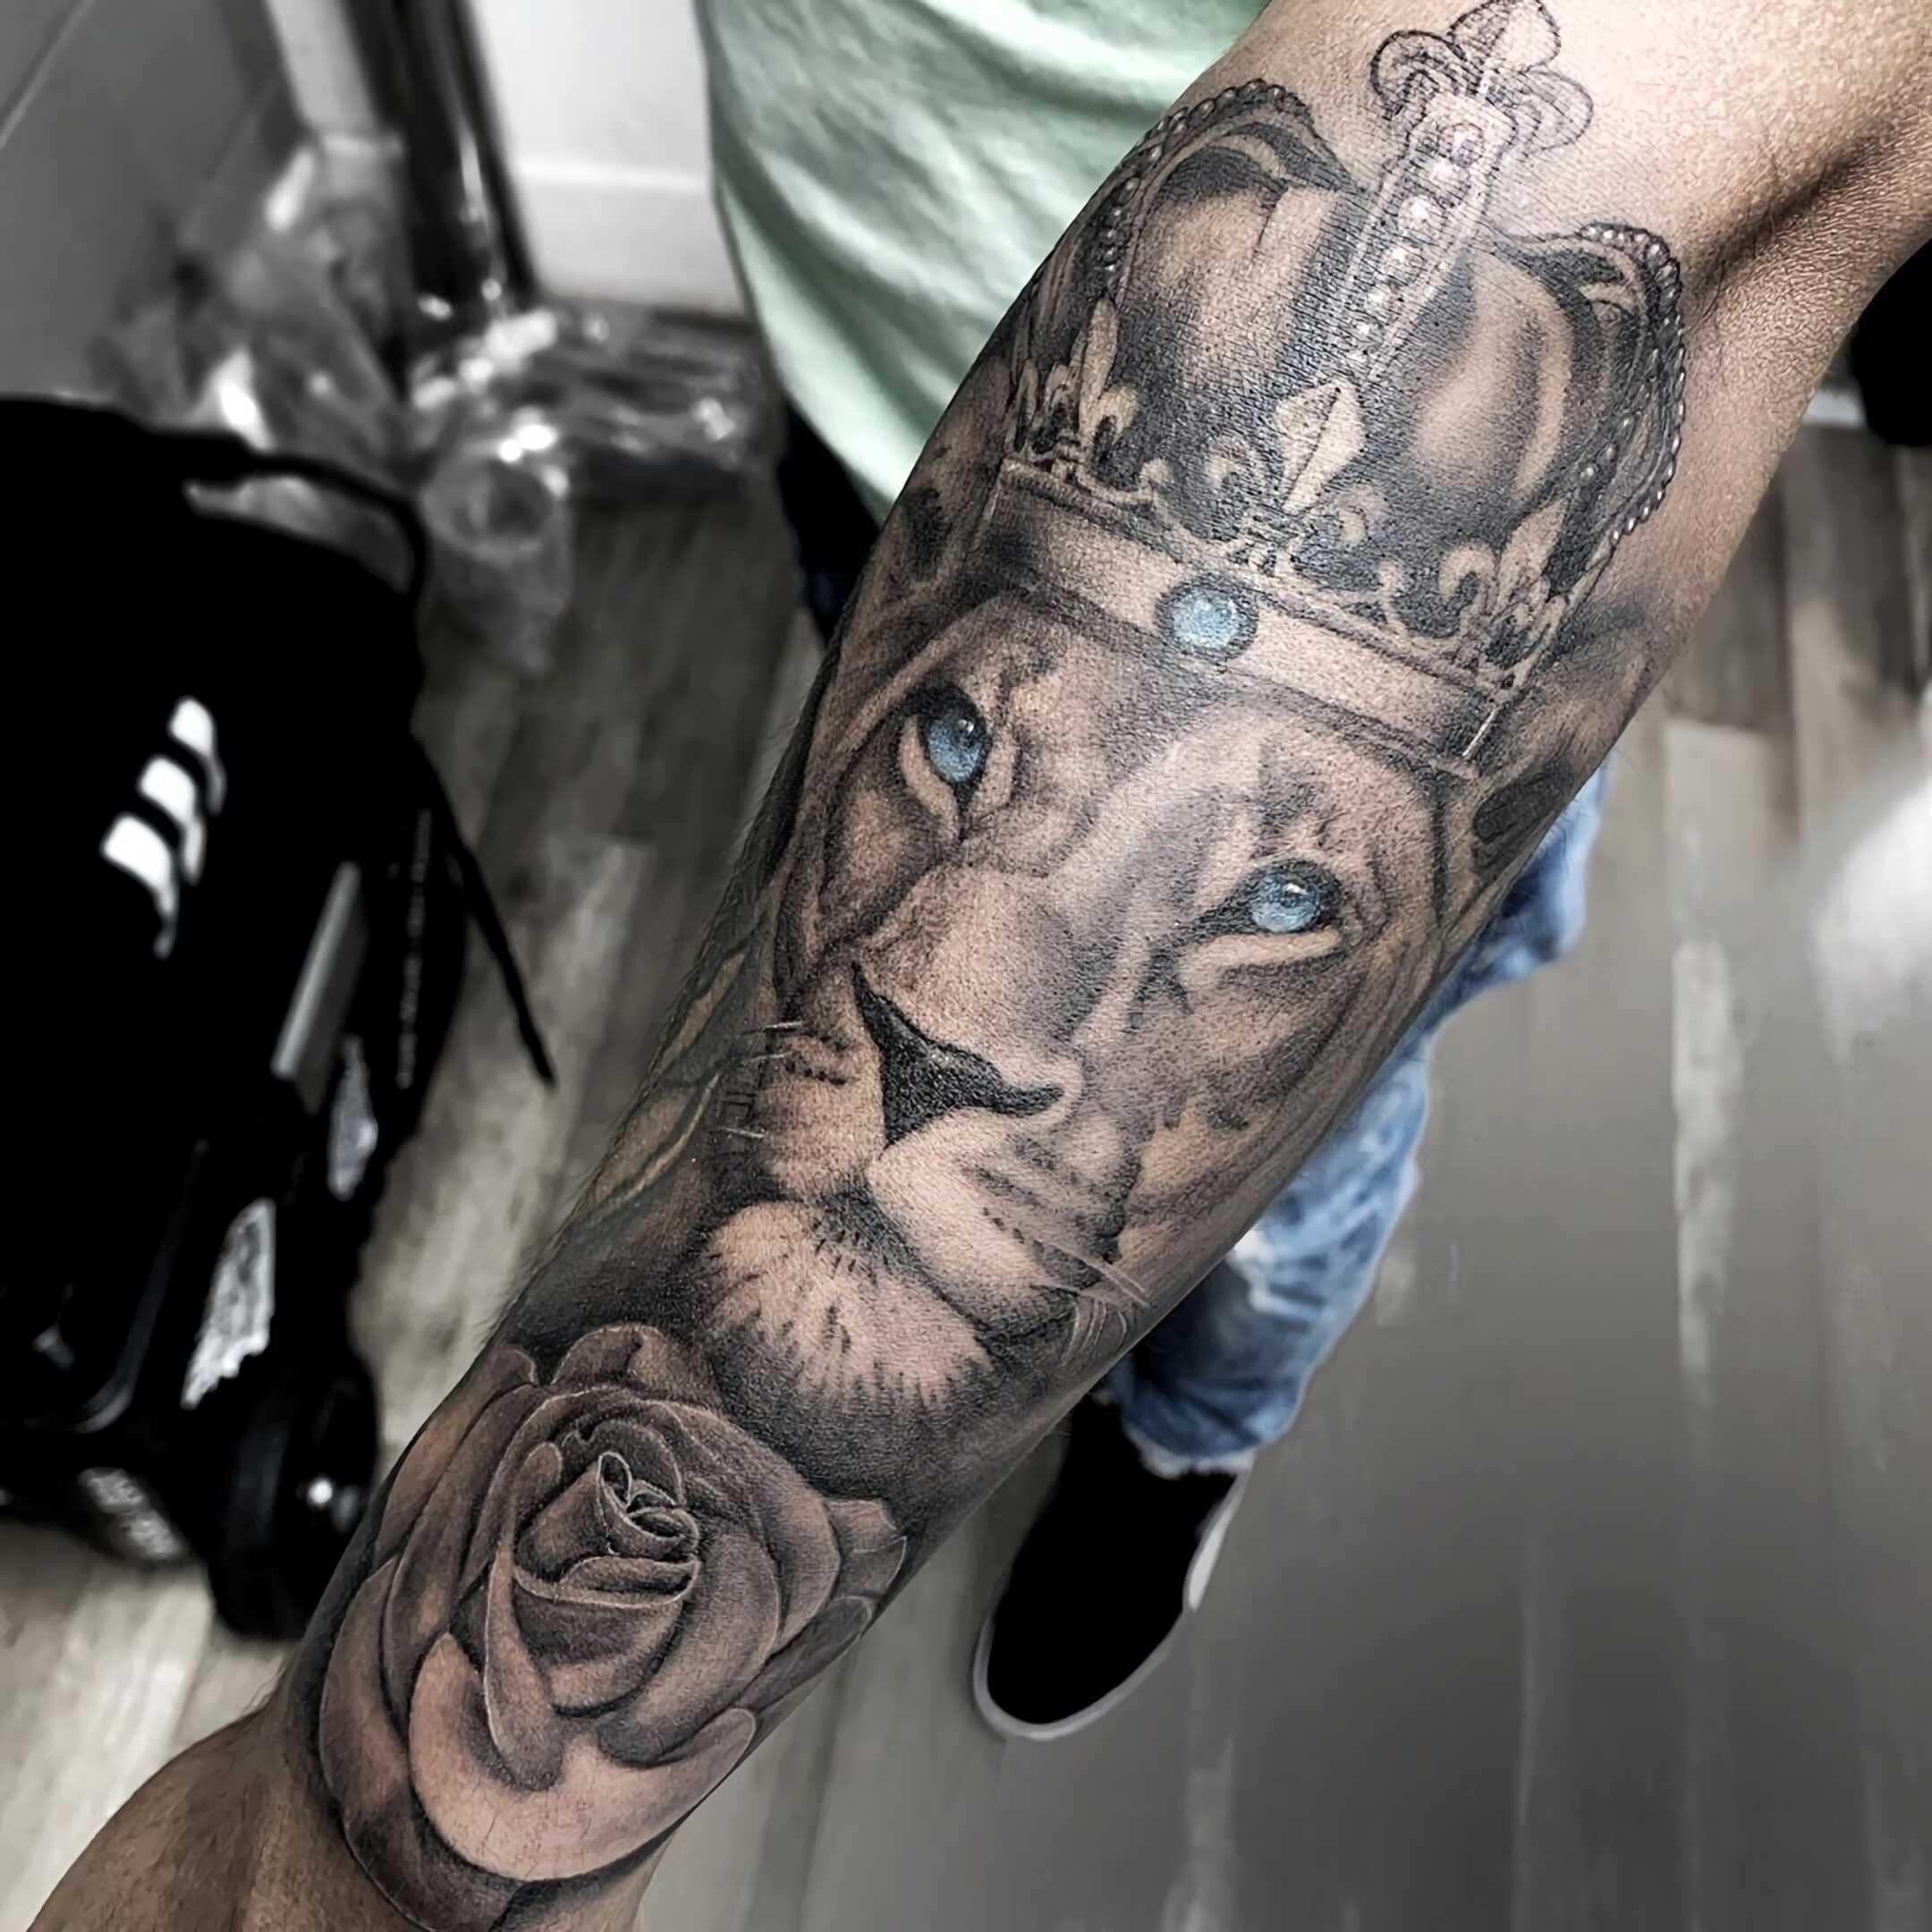 татуировка короны на руке с львом и розой